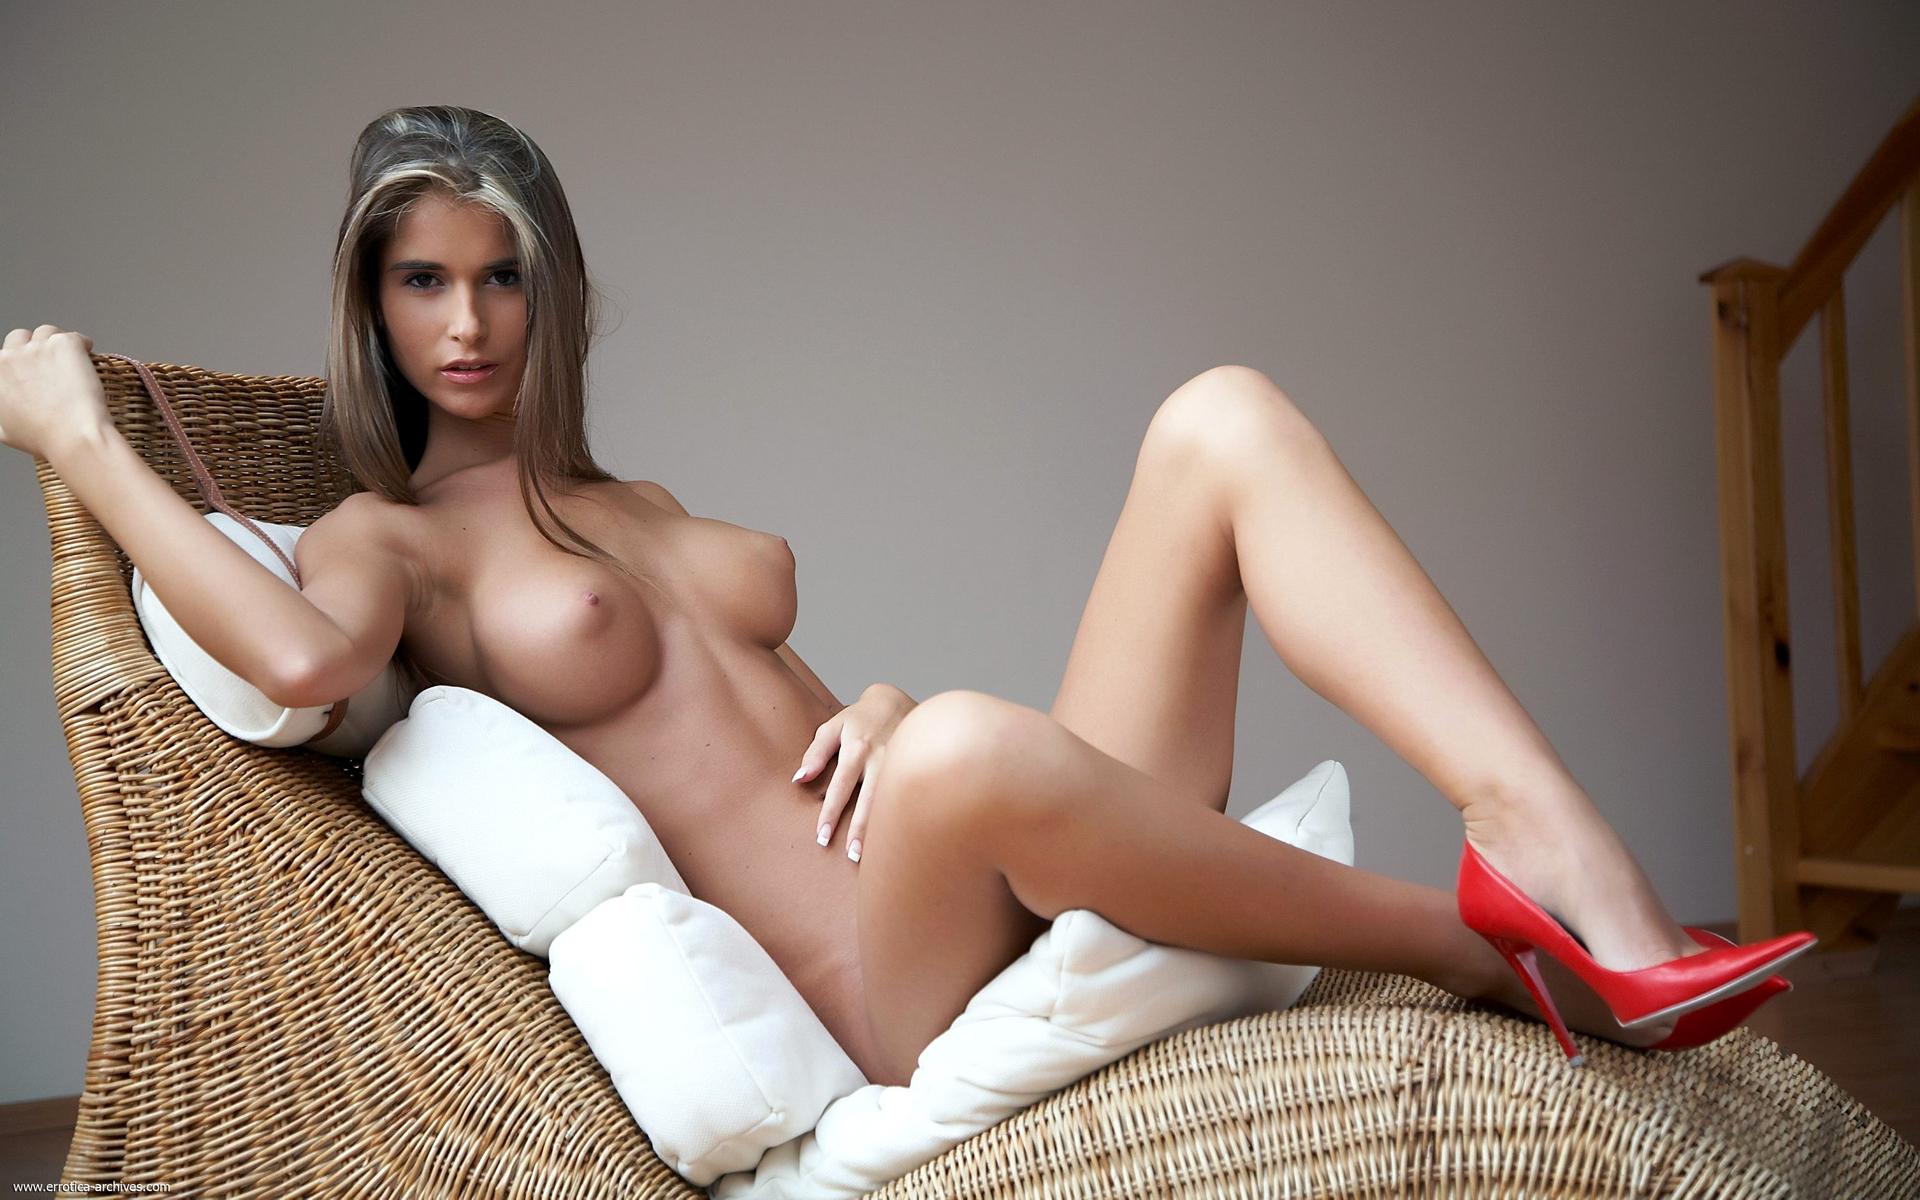 Эротичные девушки в одежде, Секс в одежде популярные видео 19 фотография